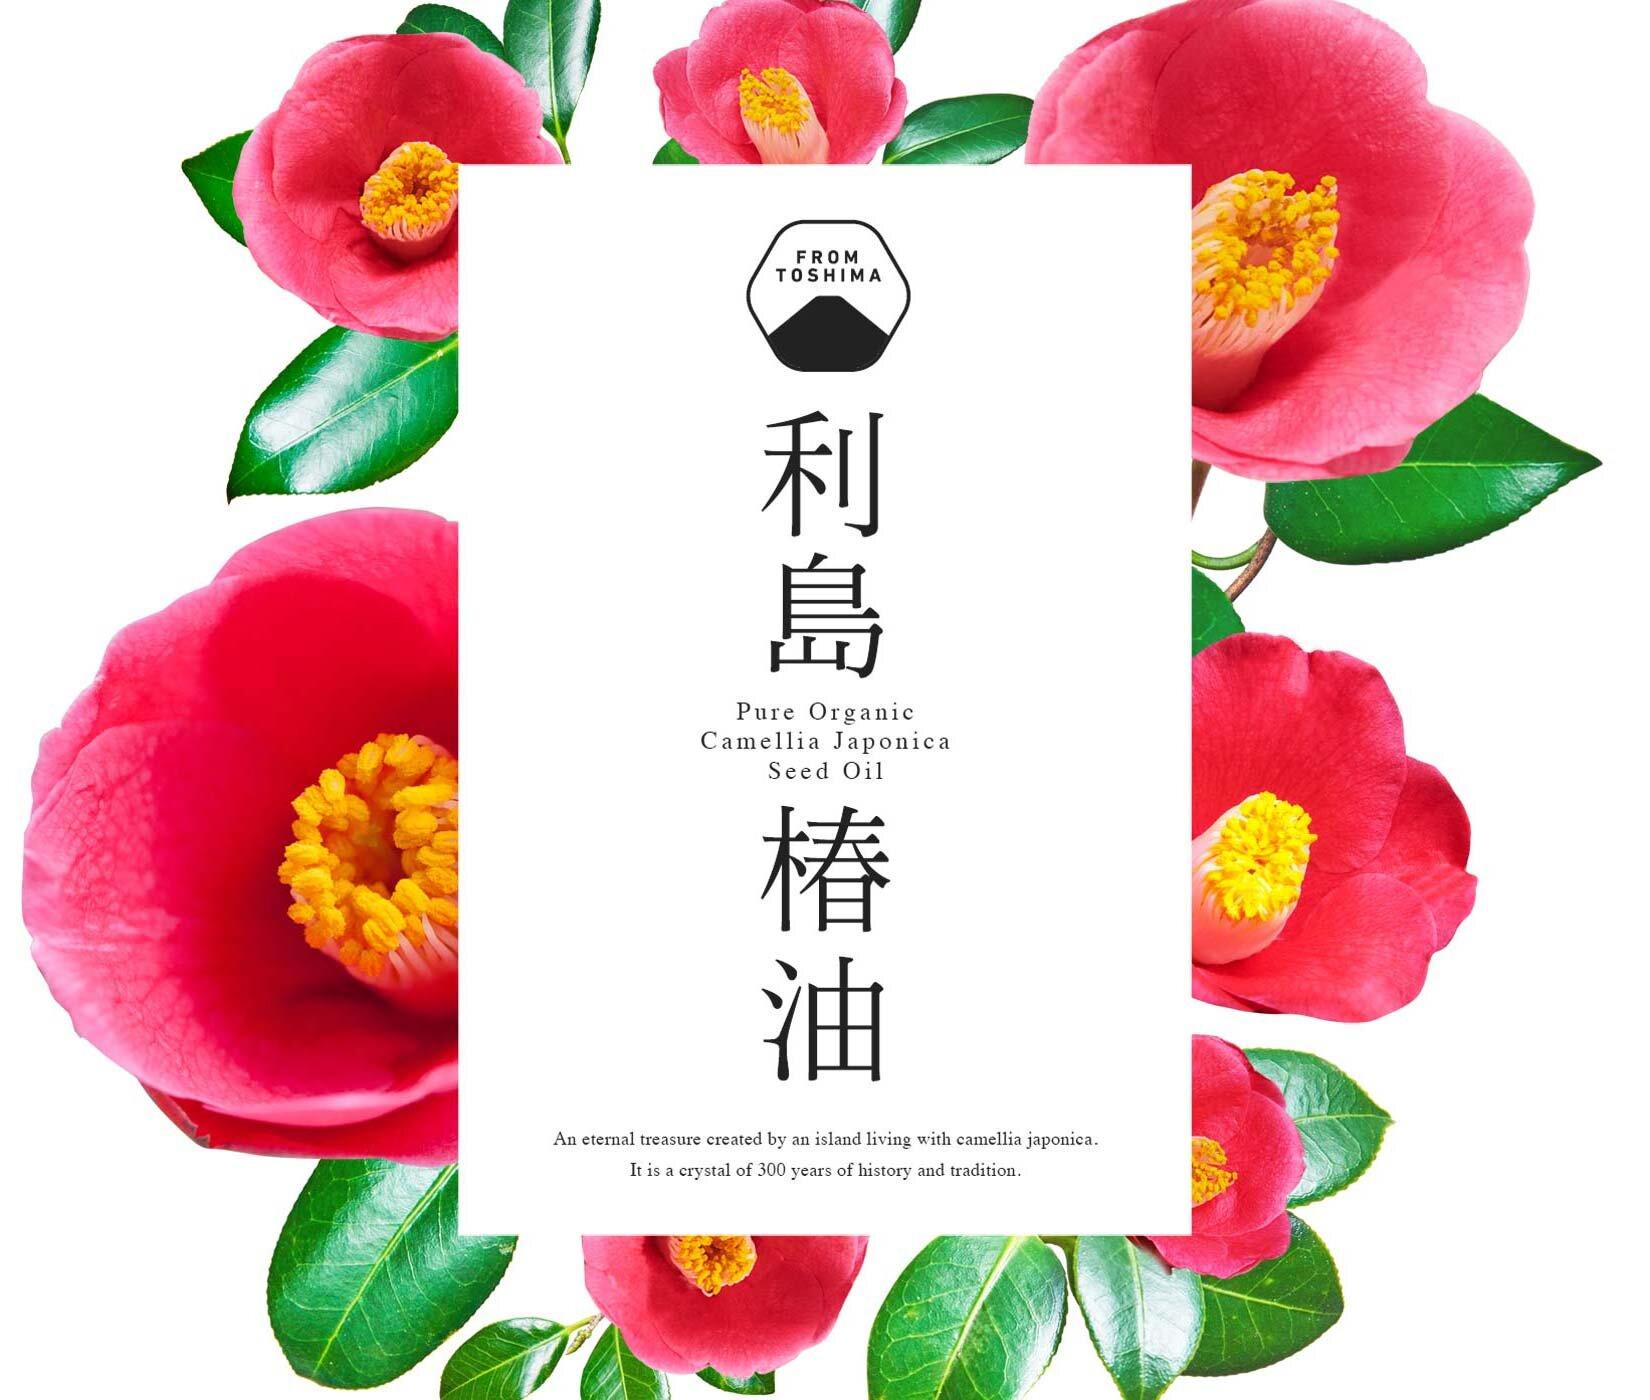 利島の椿油ブランド「神代椿」